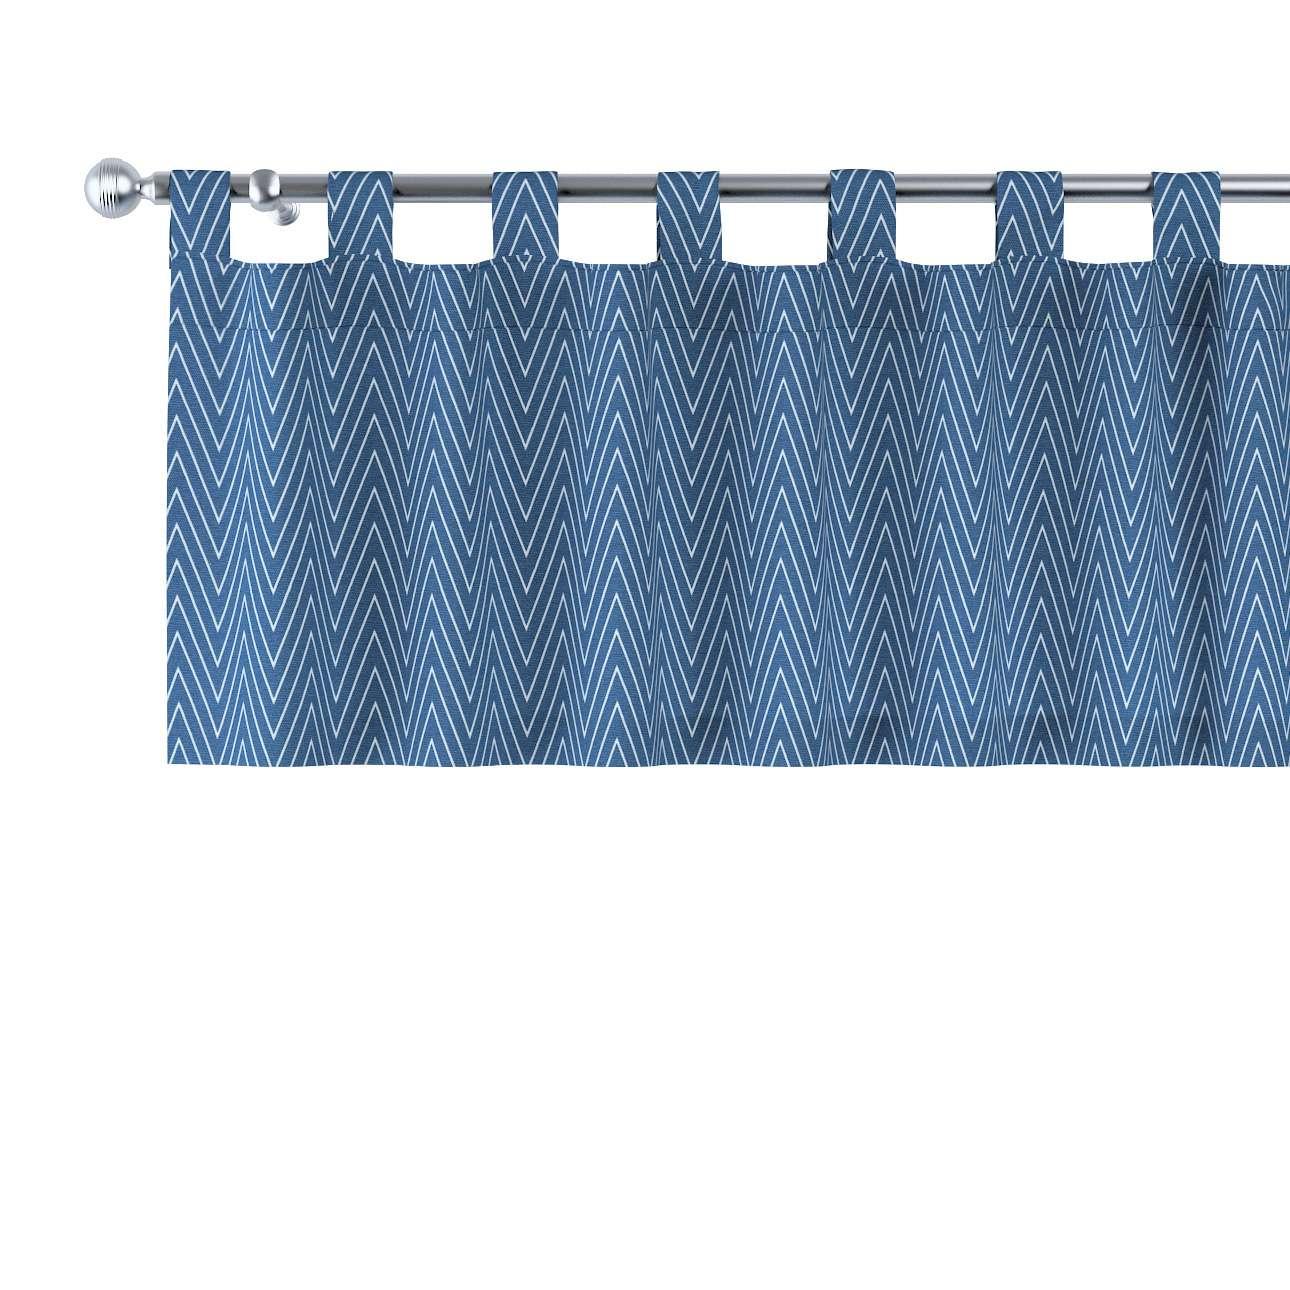 Gardinkappa med hällor i kollektionen Brooklyn, Tyg: 137-88